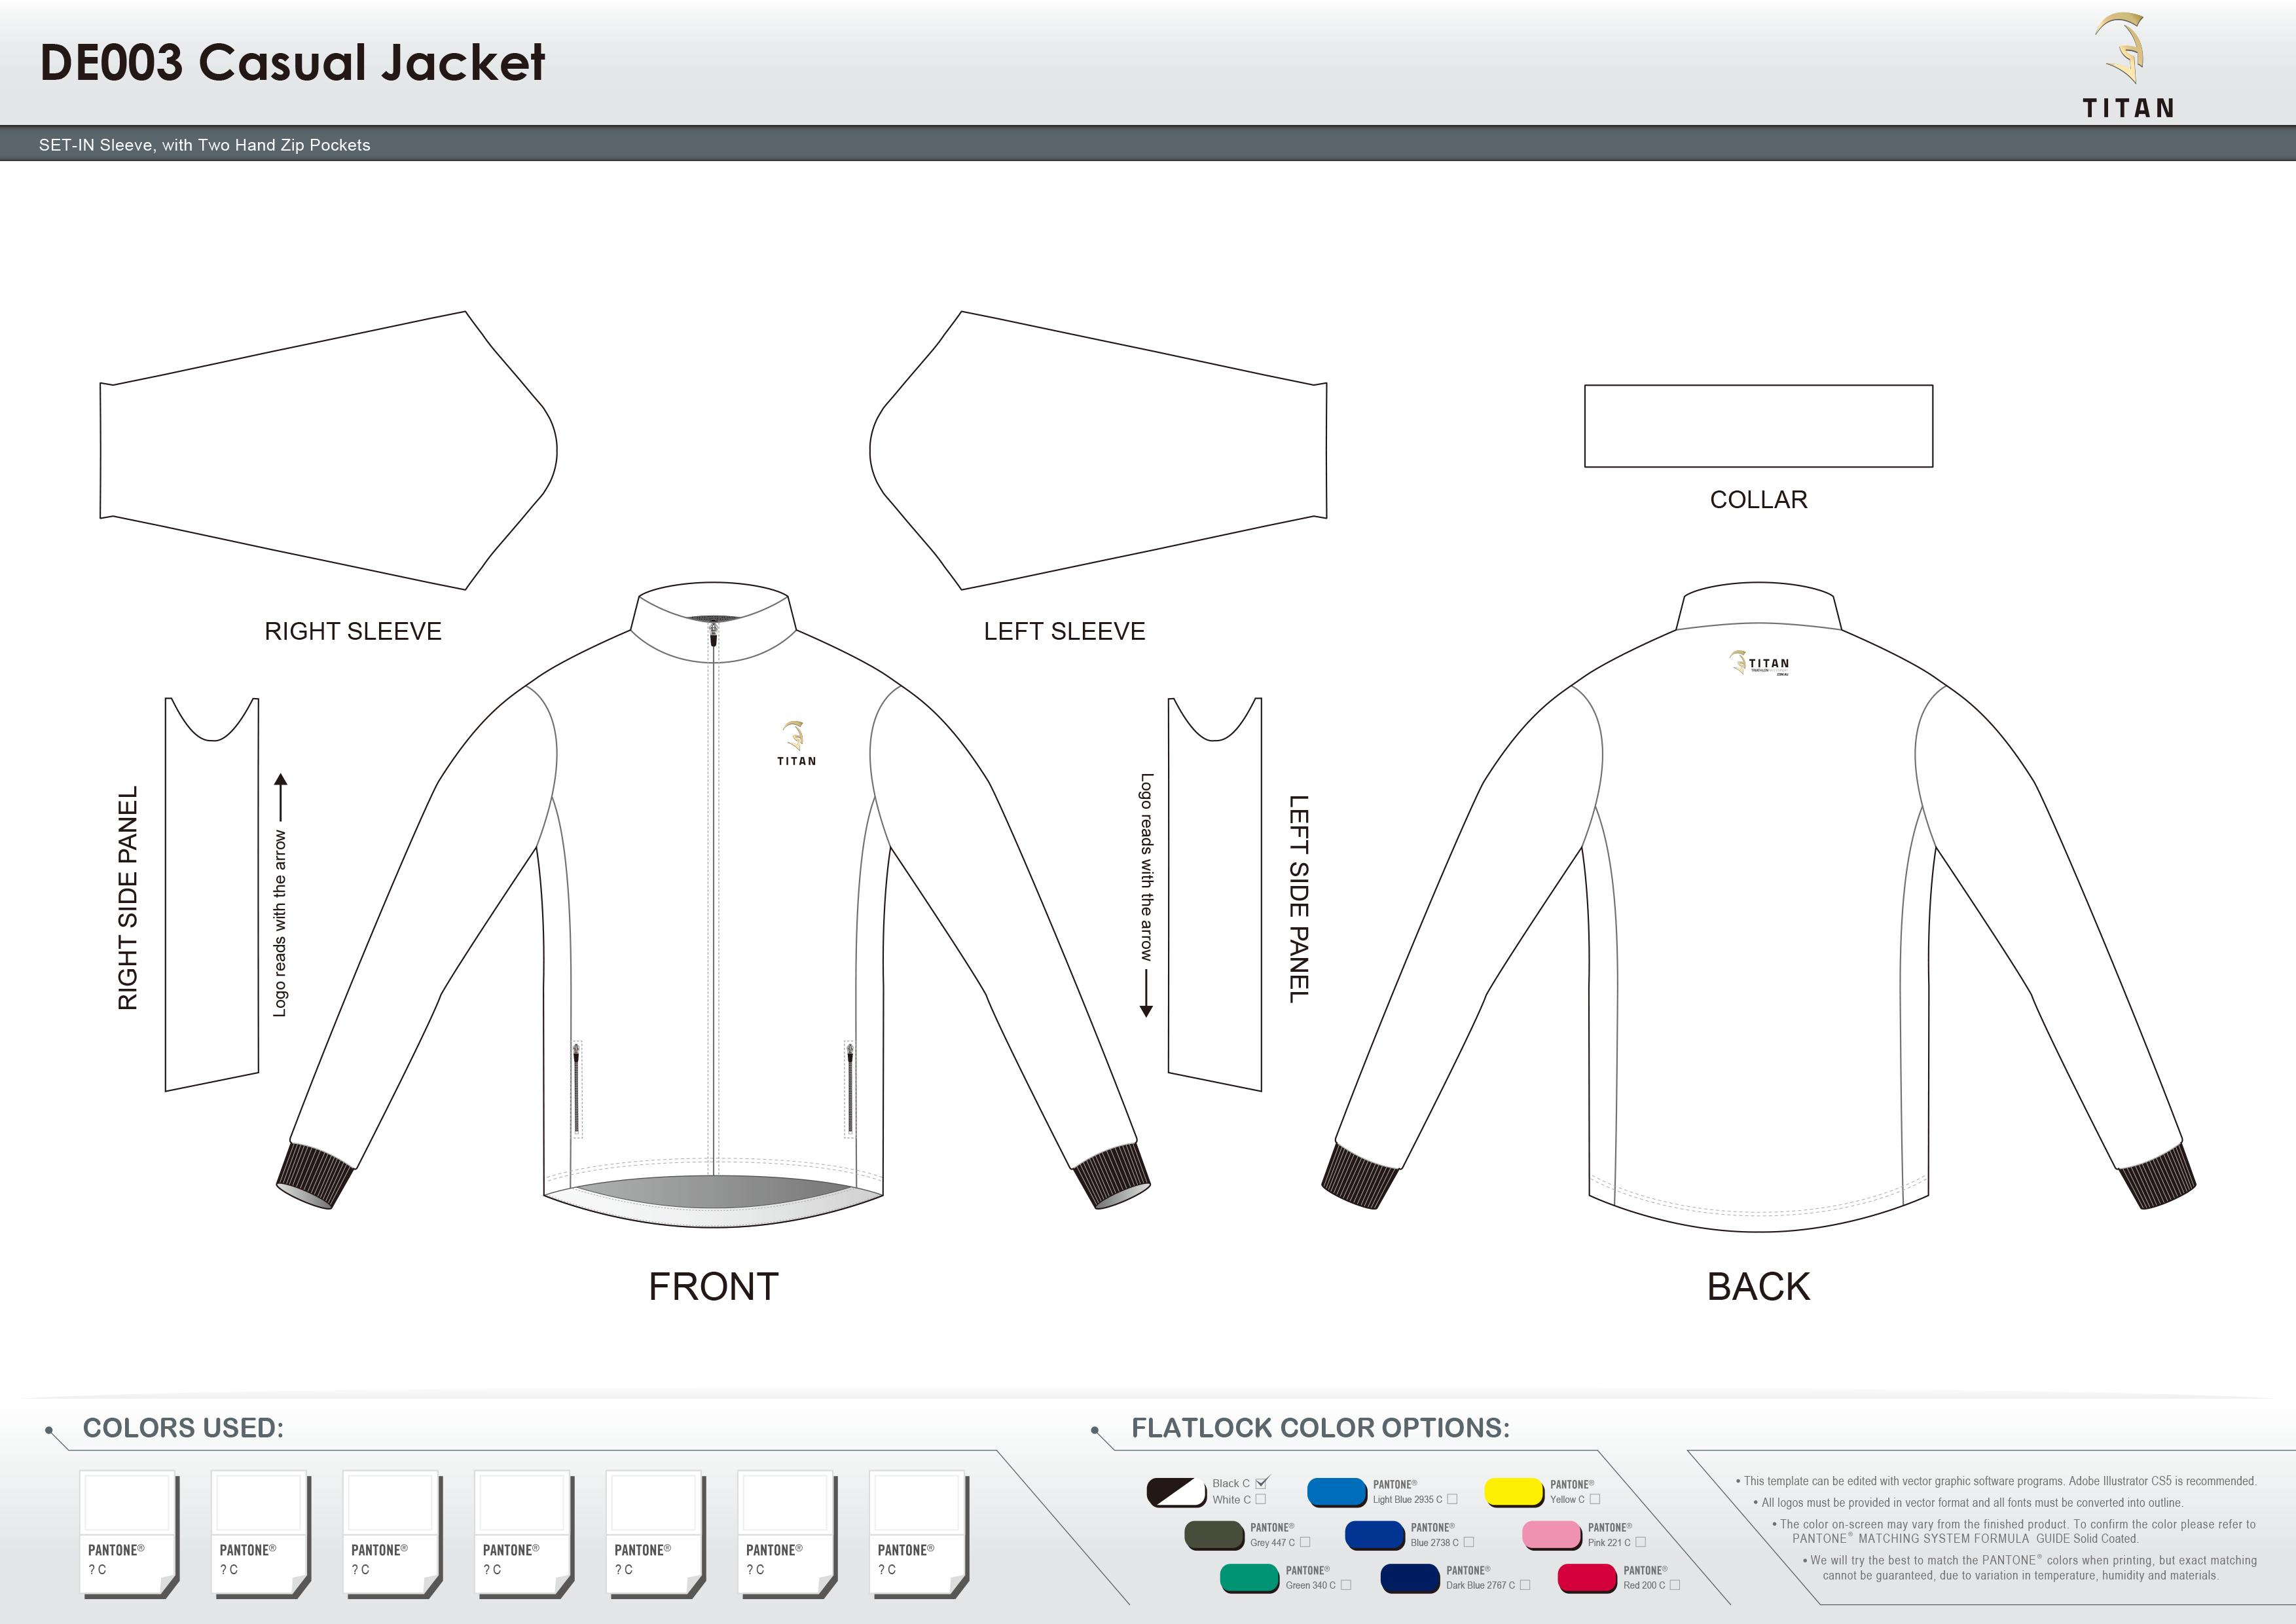 DE003 Casual Jacket